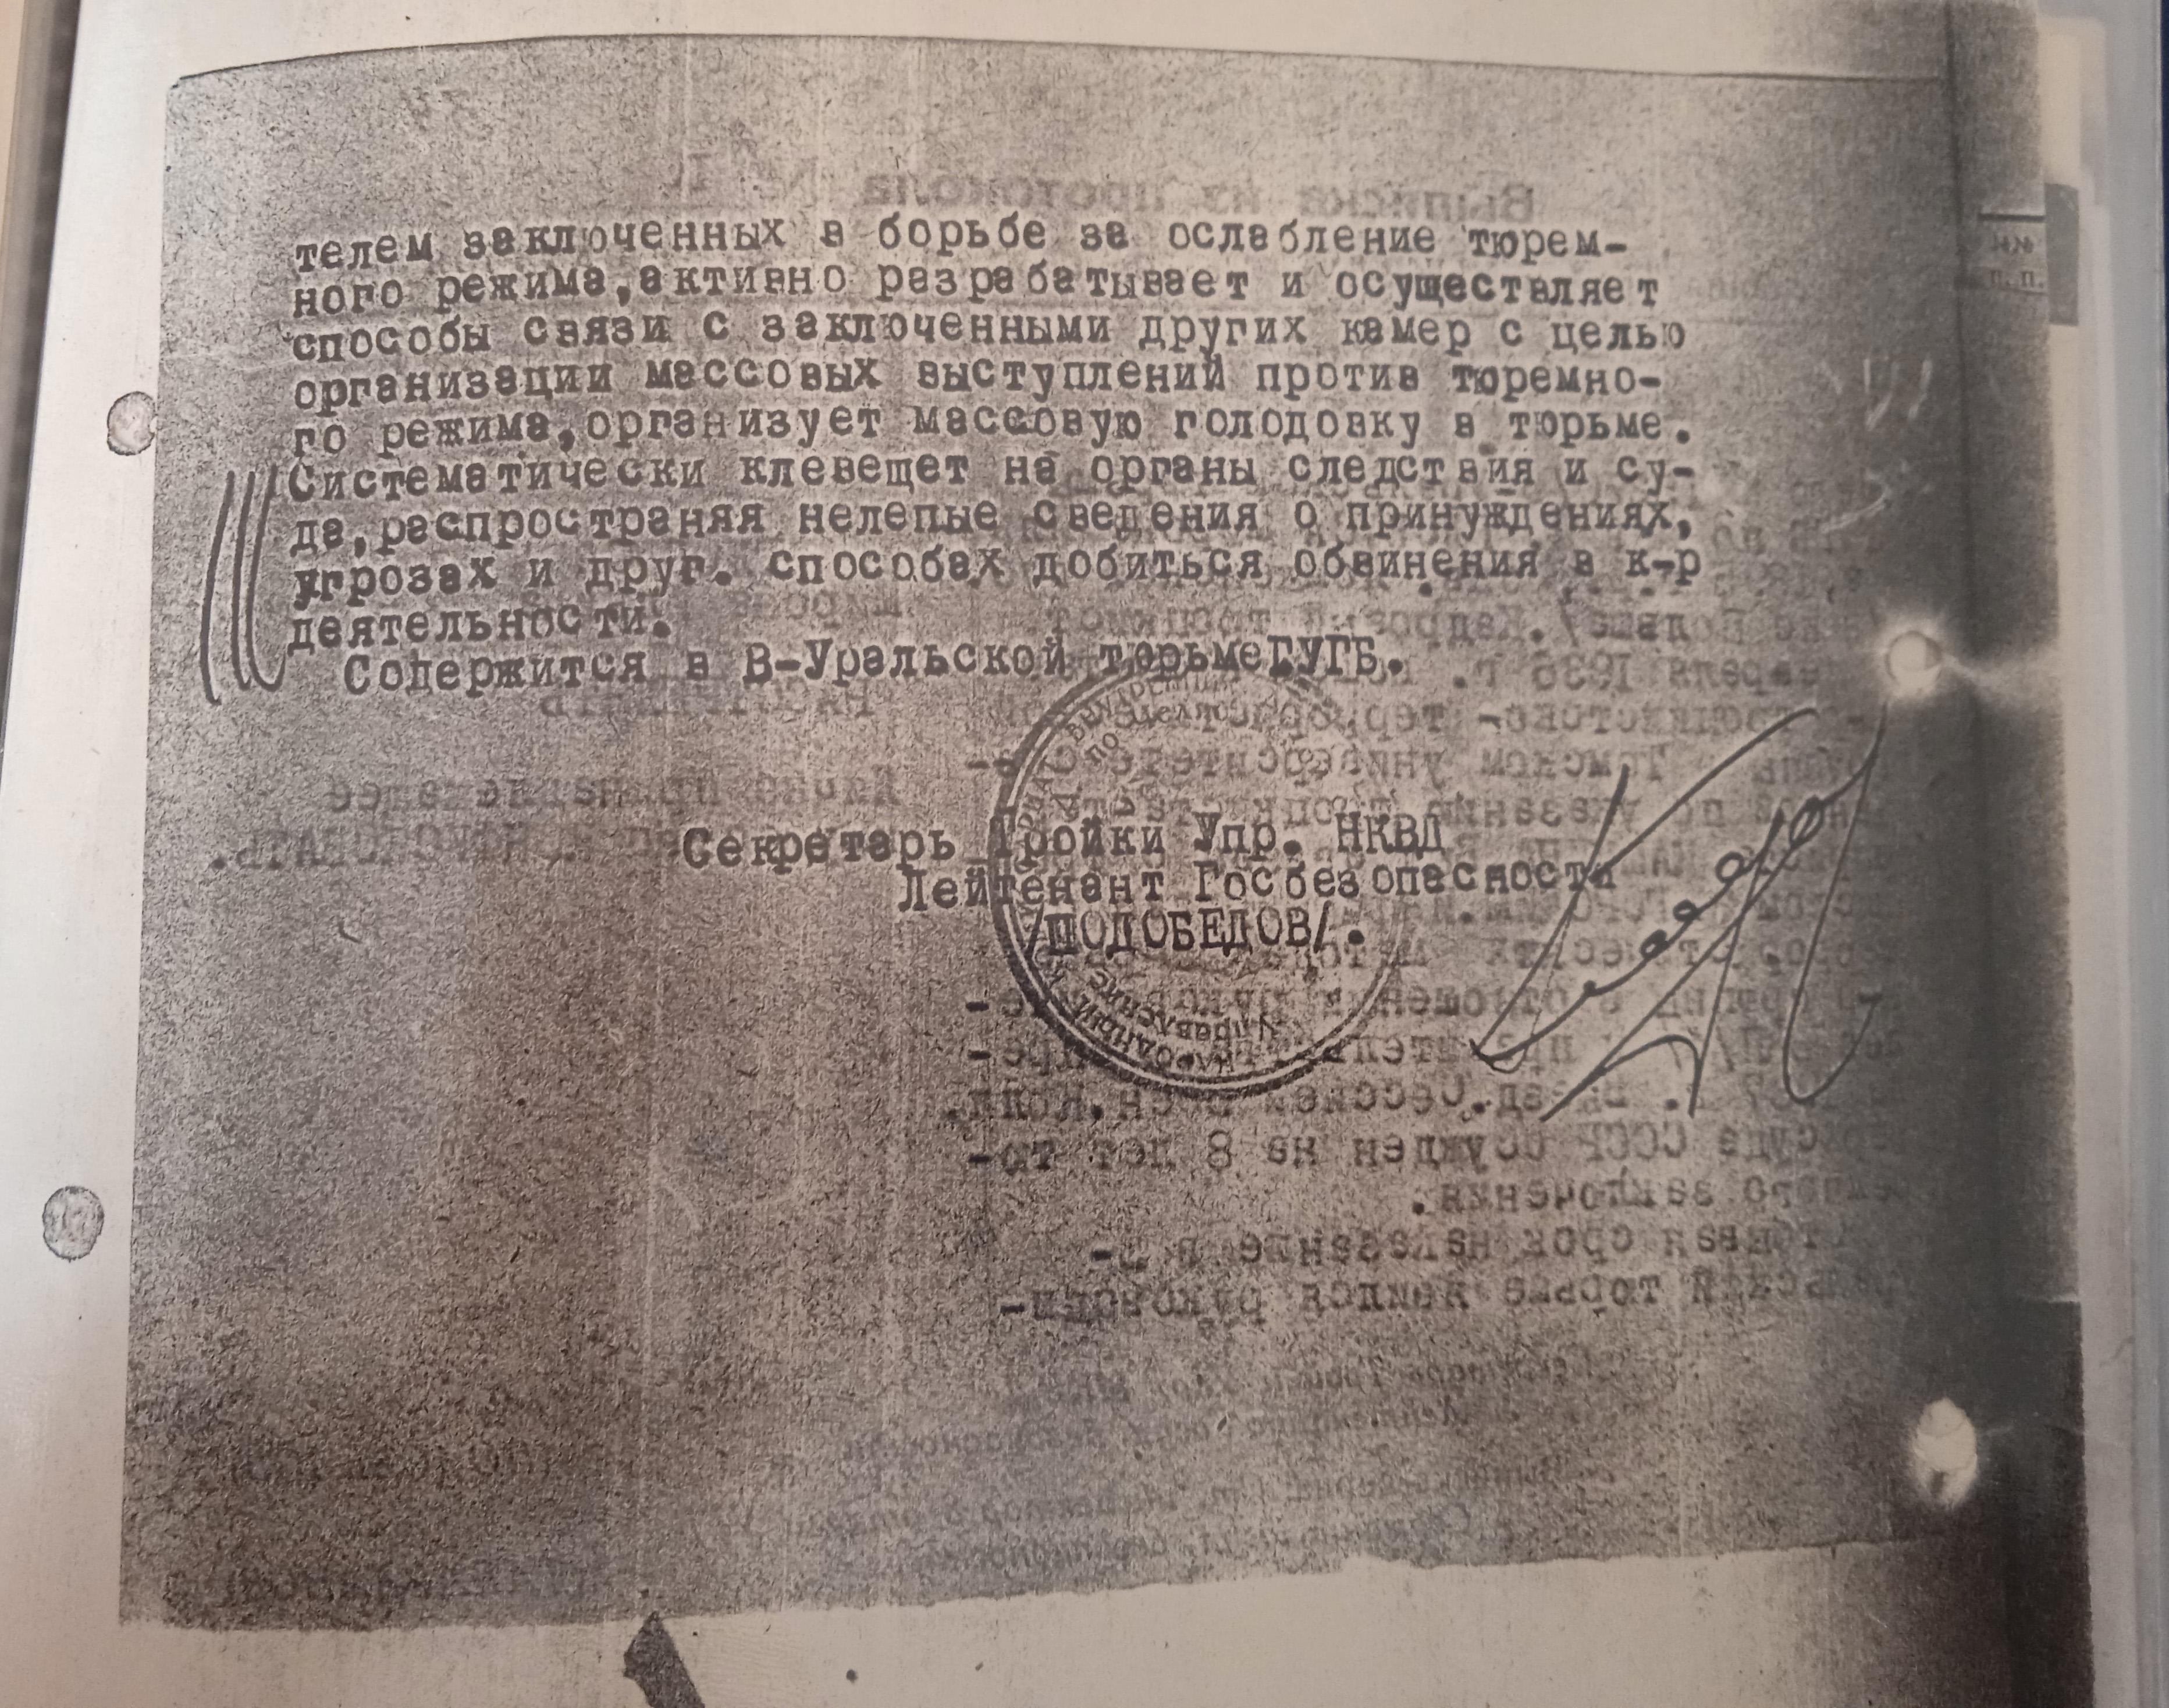 Отвертеться не удастся: как сотрудники НКВД сдавали друг друга на допросах5